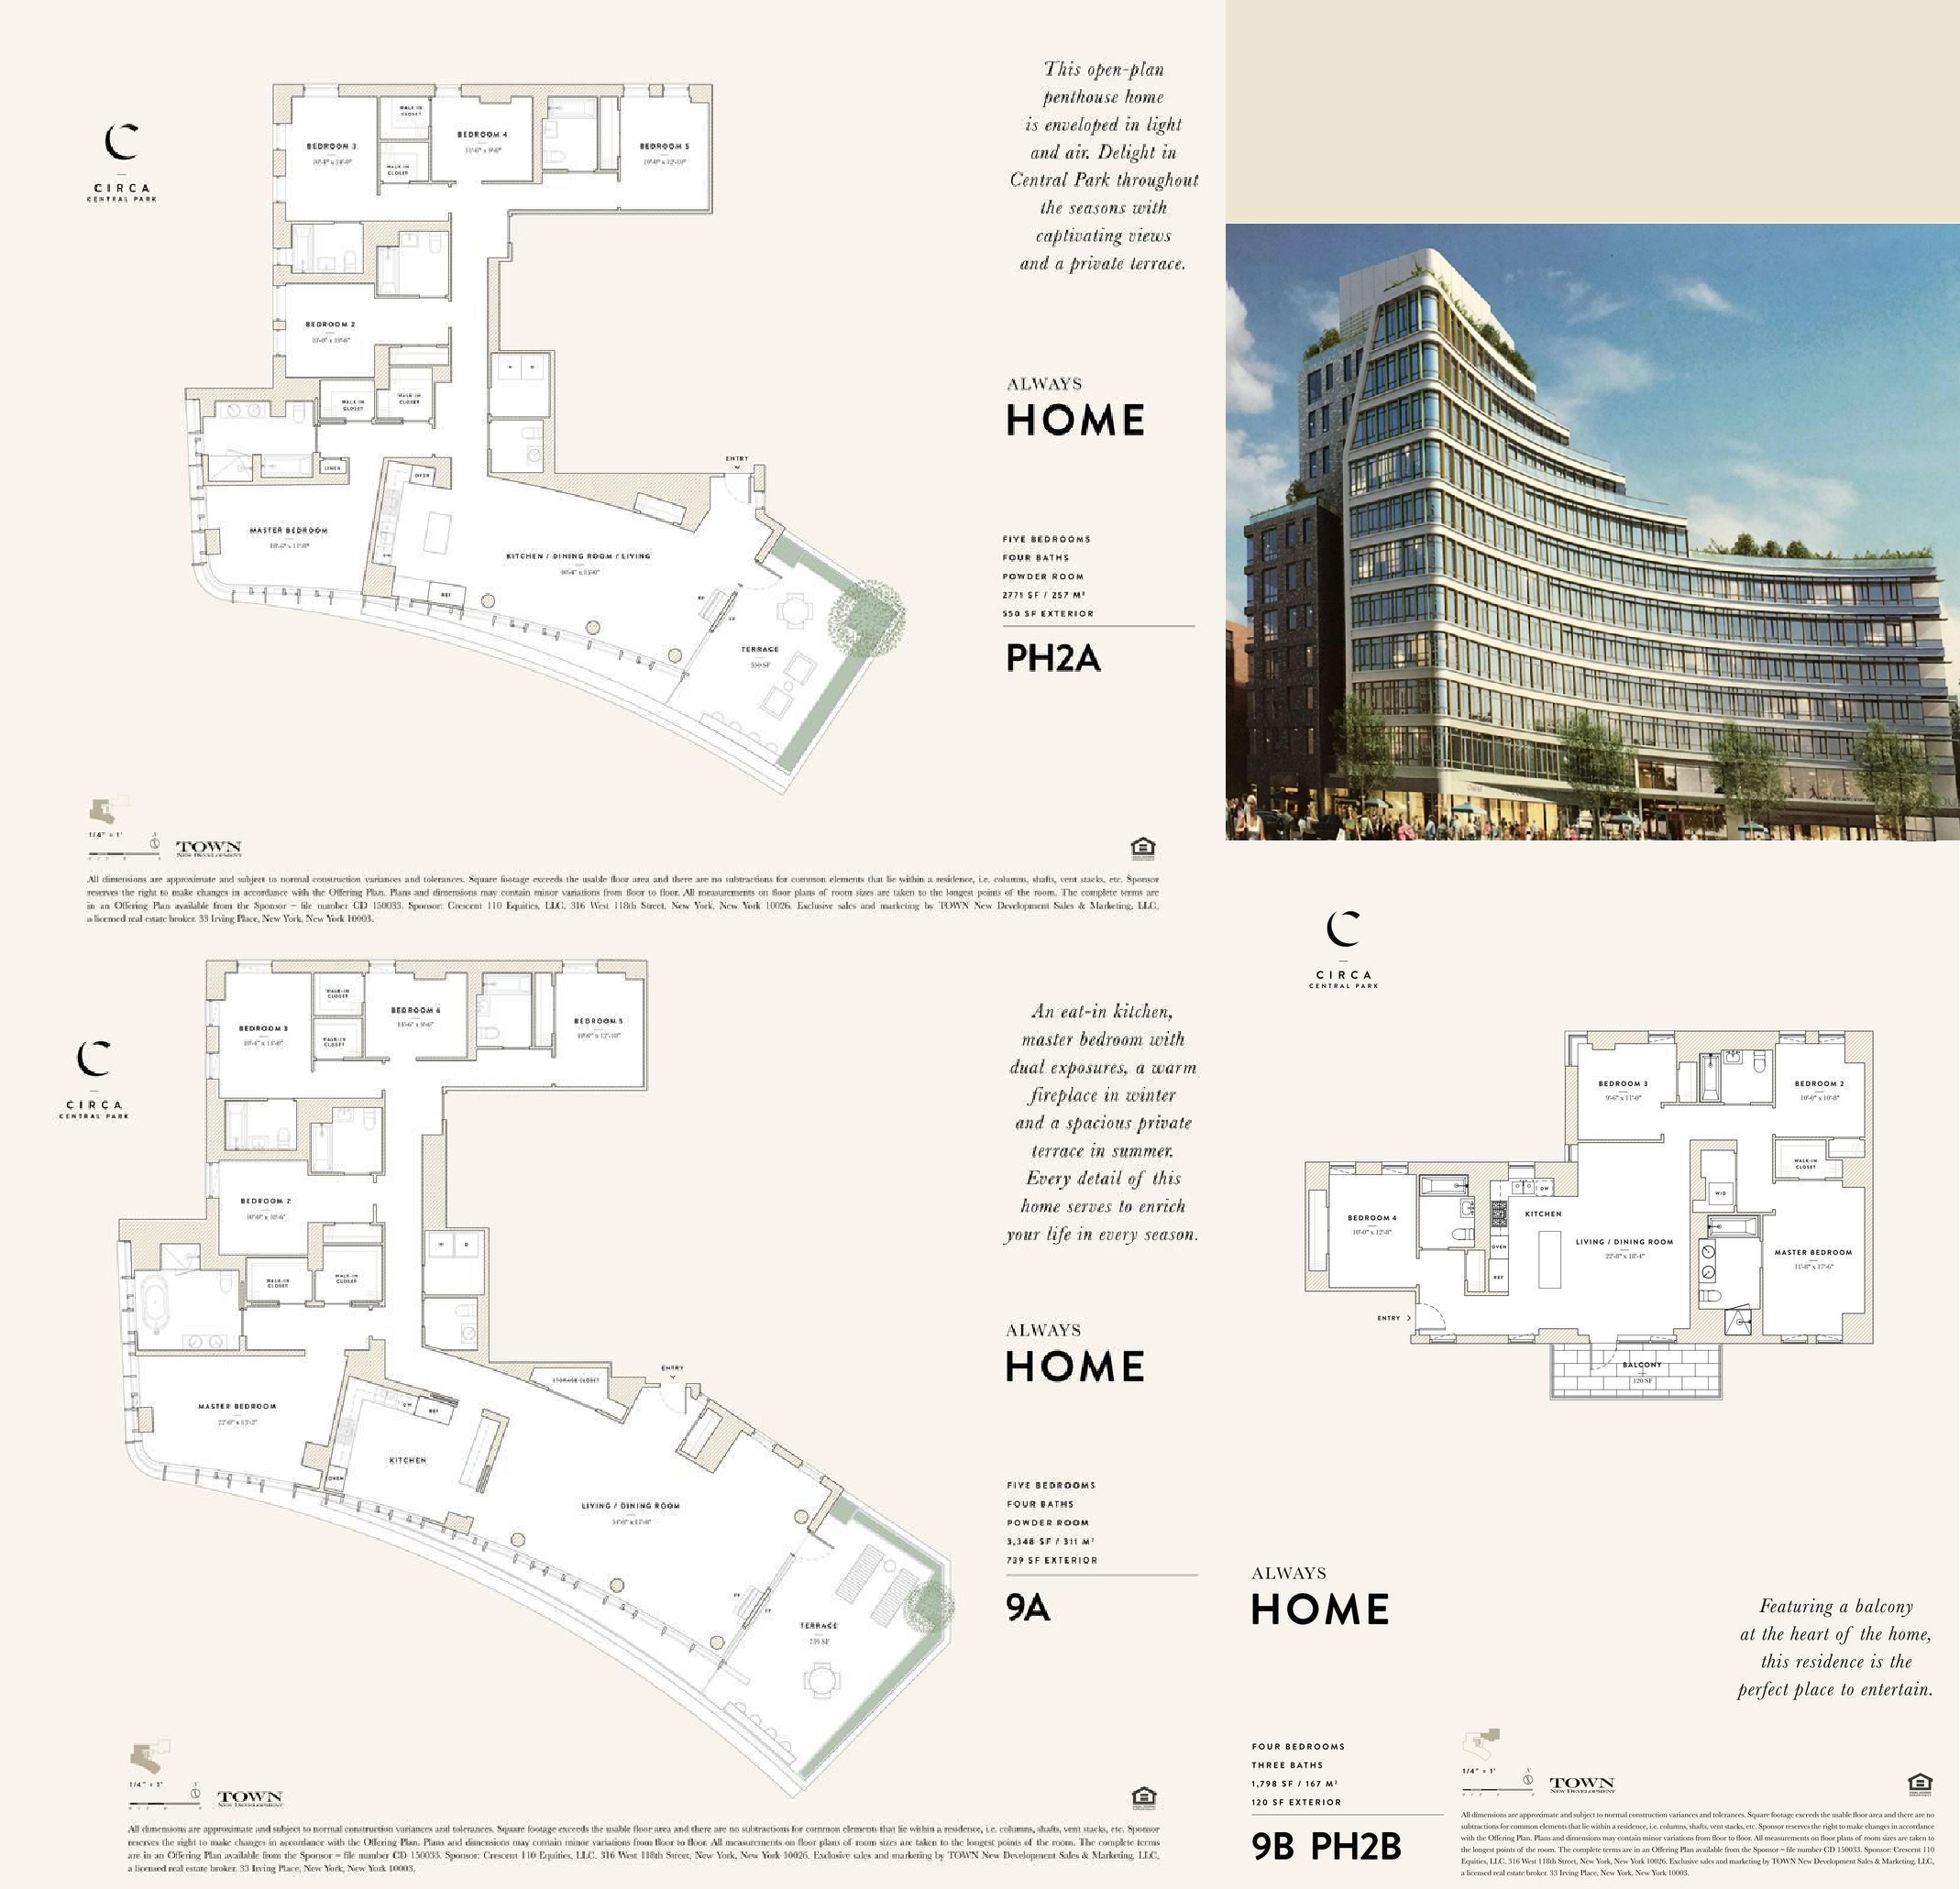 Apartment /Penthouse Floor Plans